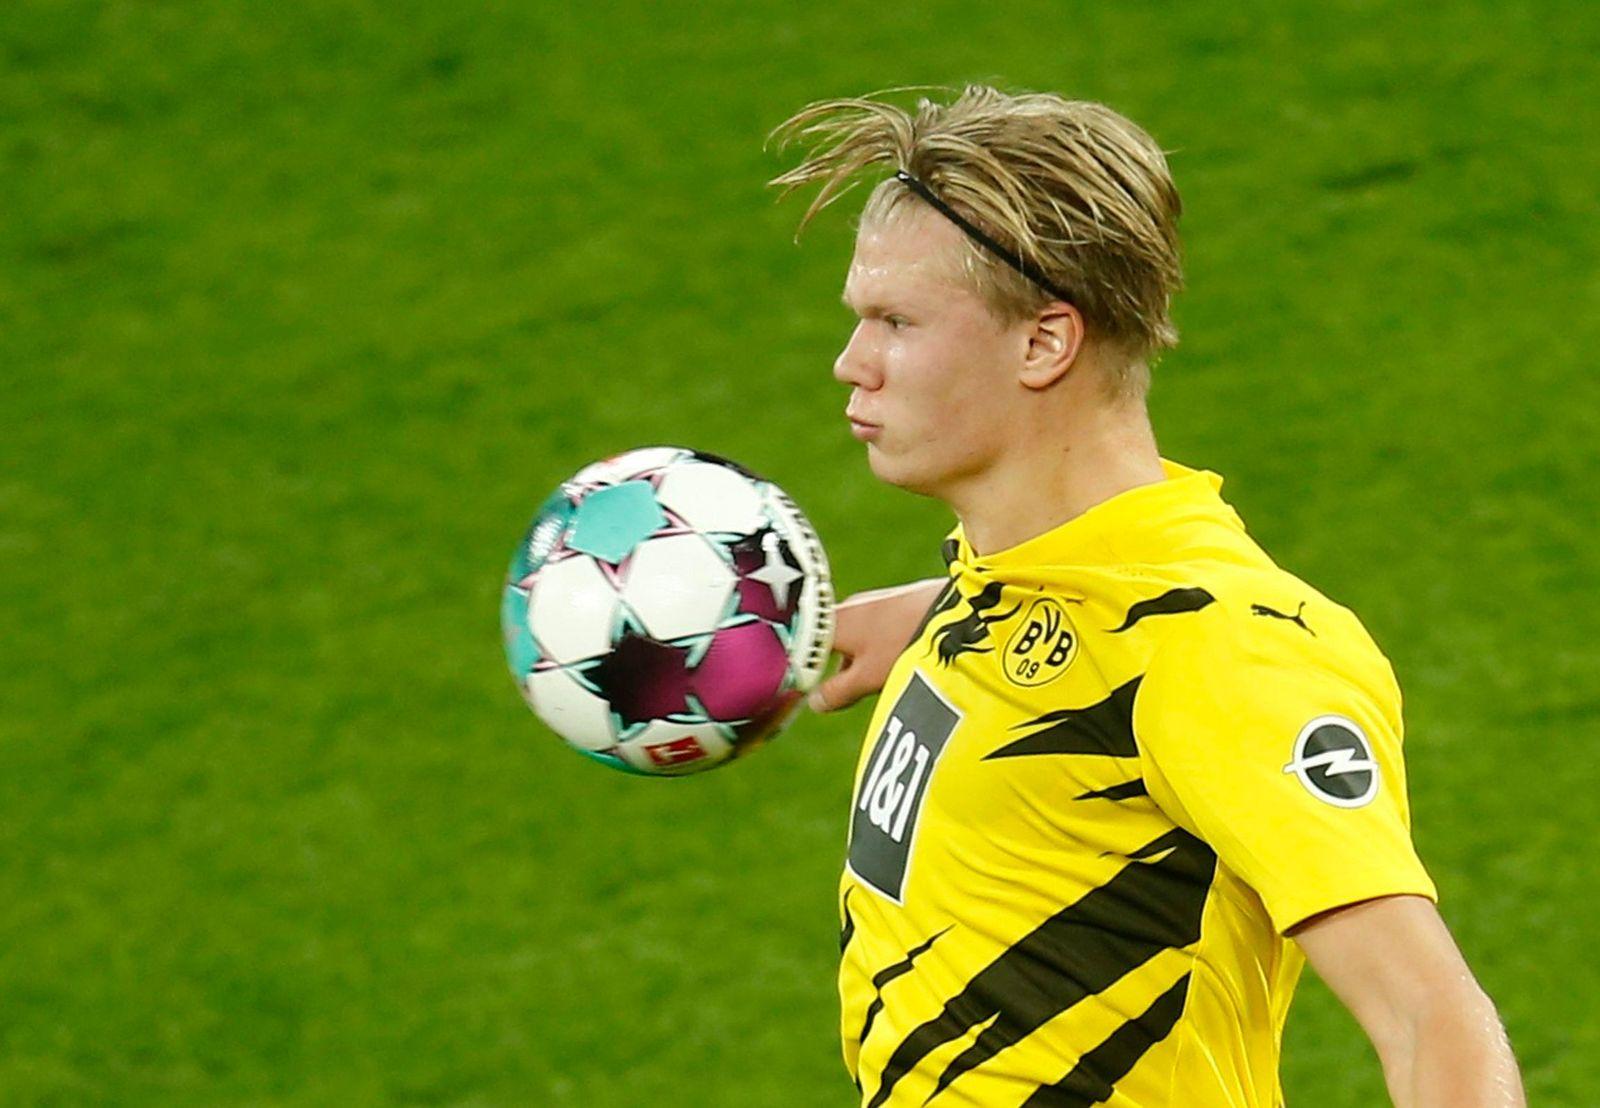 Borussia Dortmund vs FC Schalke 04, Germany - 24 Oct 2020